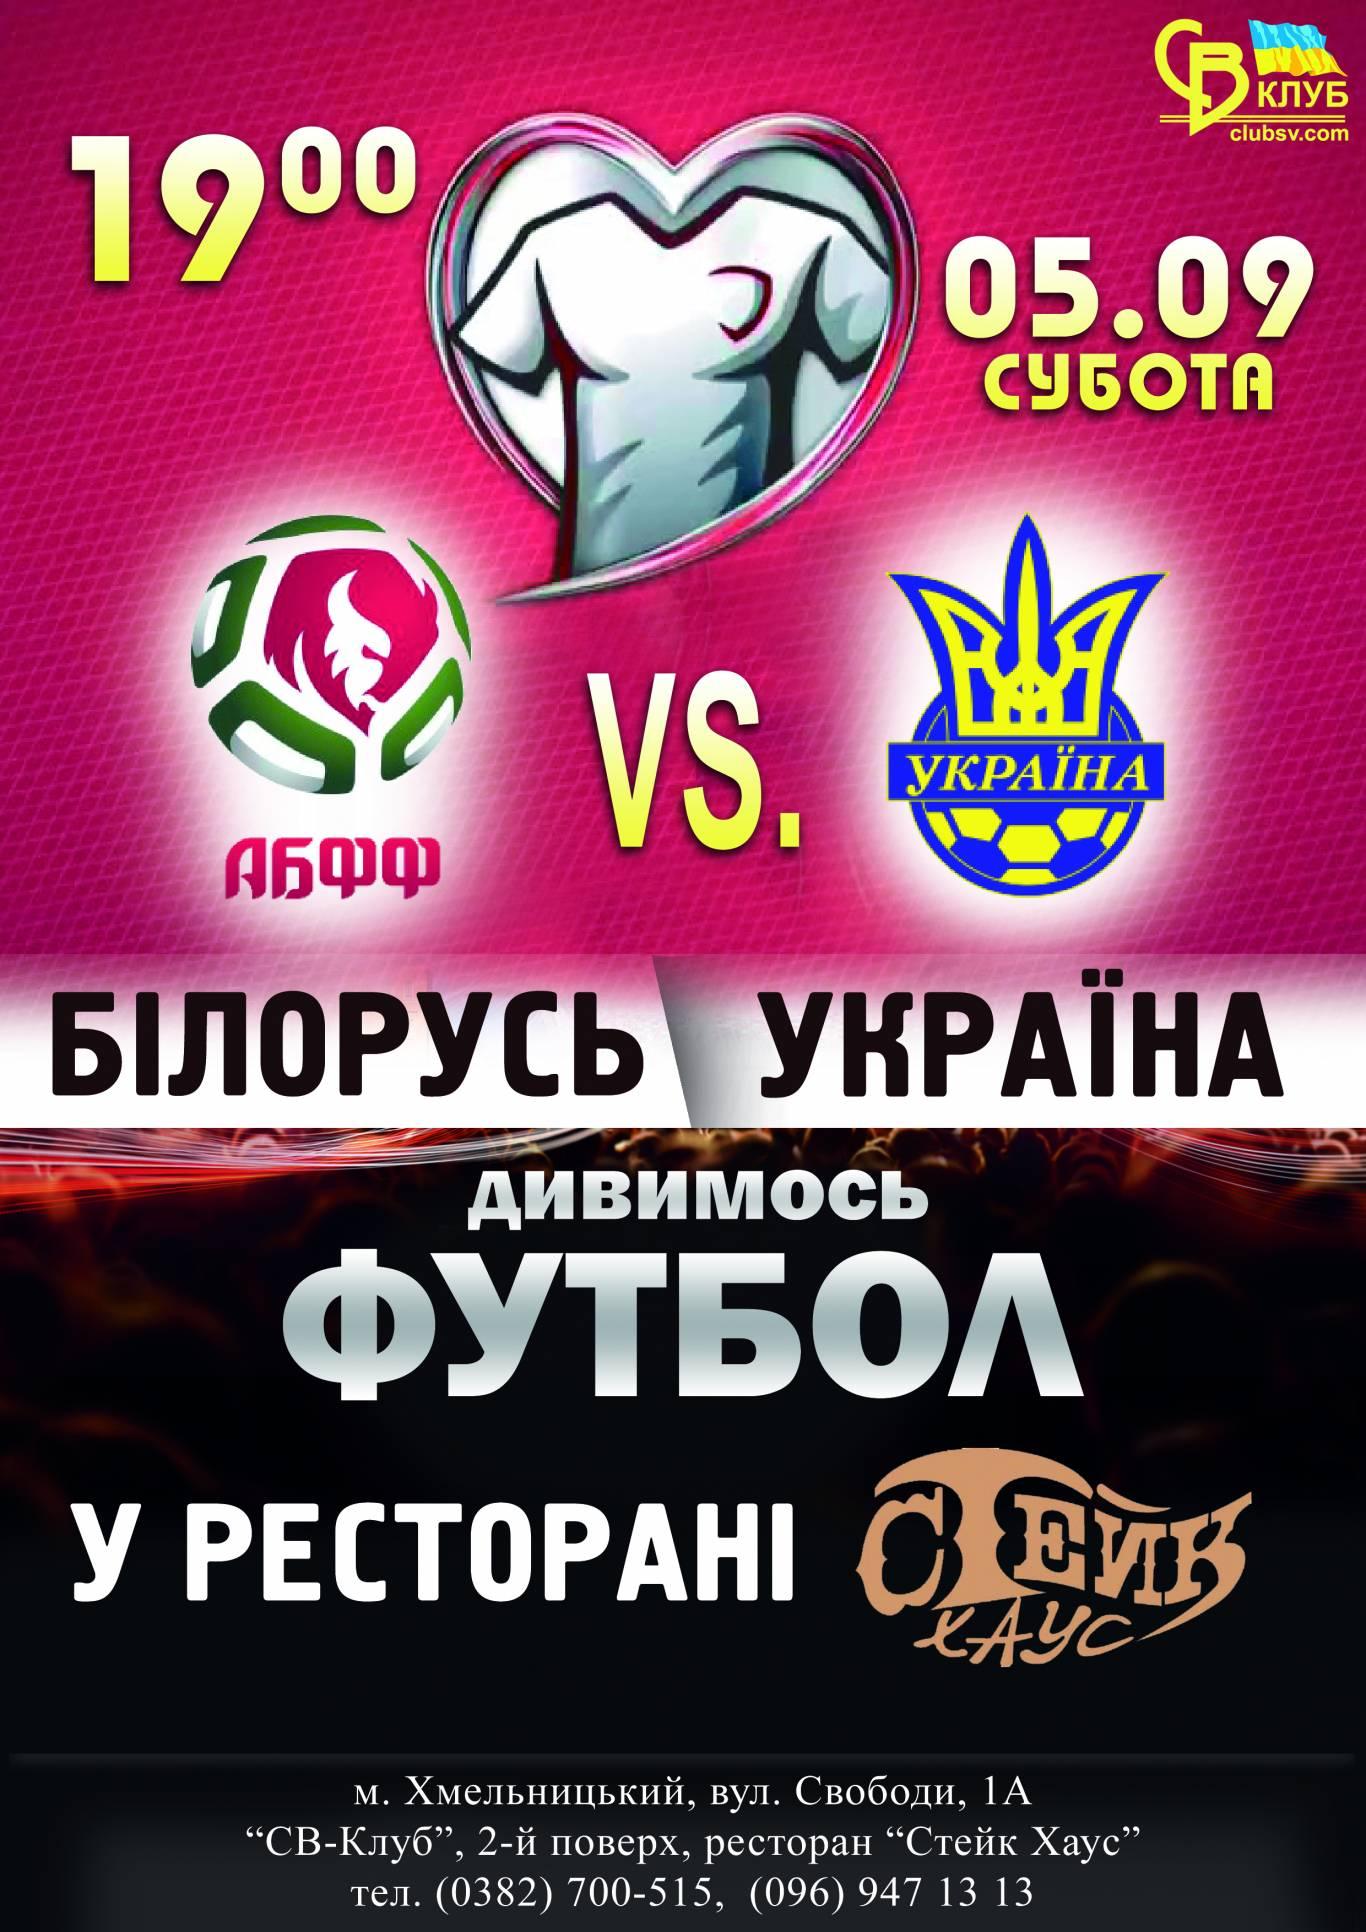 Футбол Білорусь-Україна